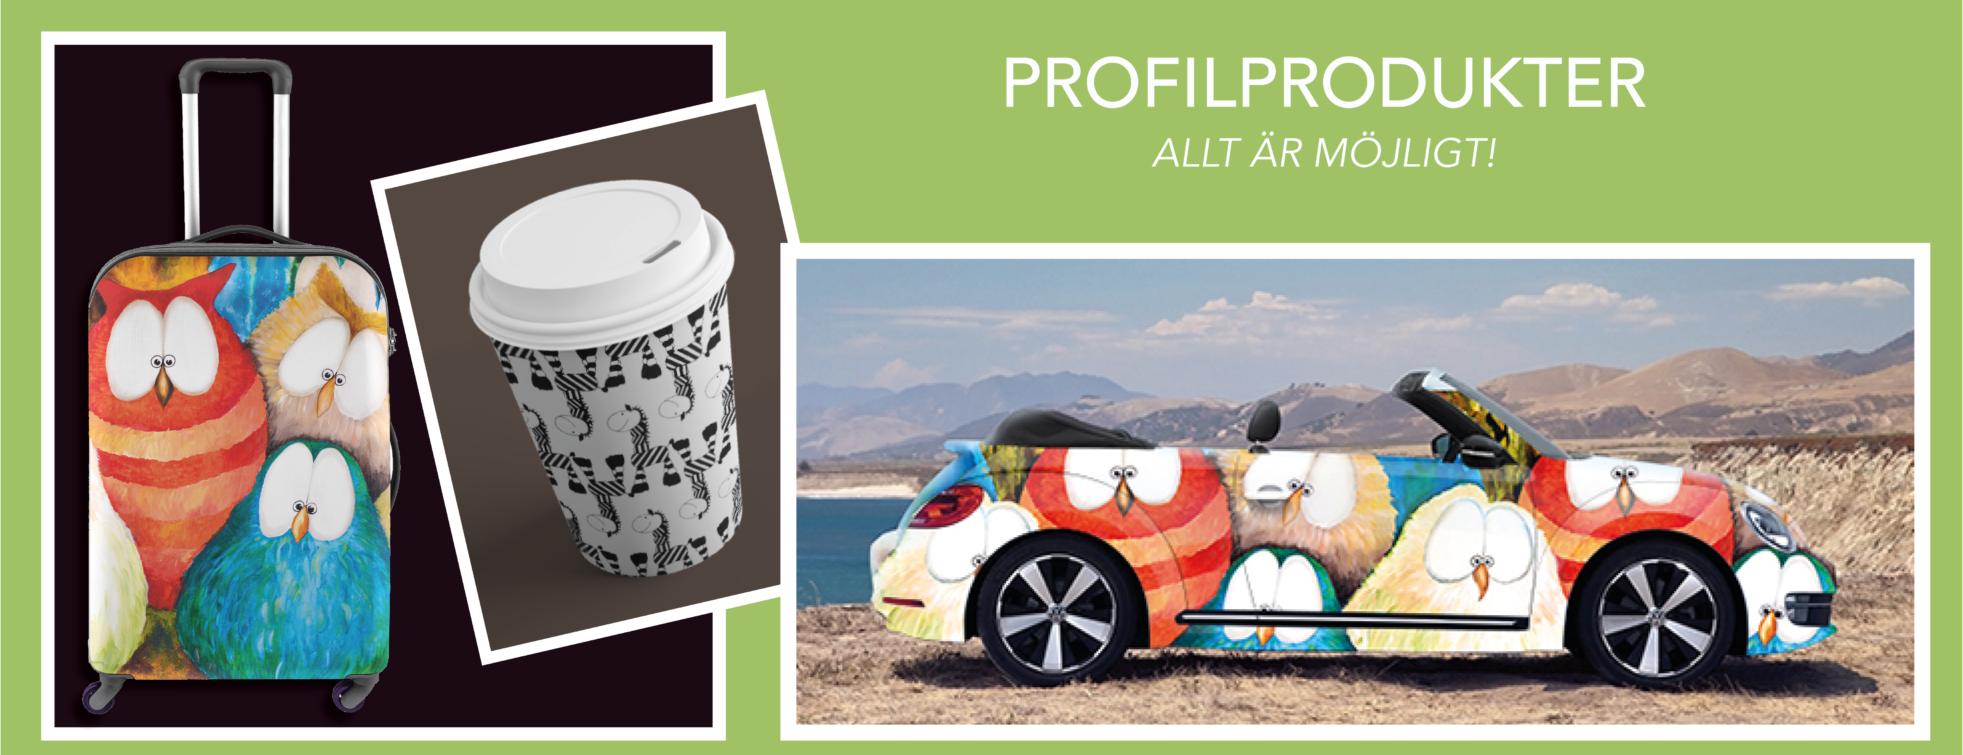 Profilprodukter Allt är möjligt!